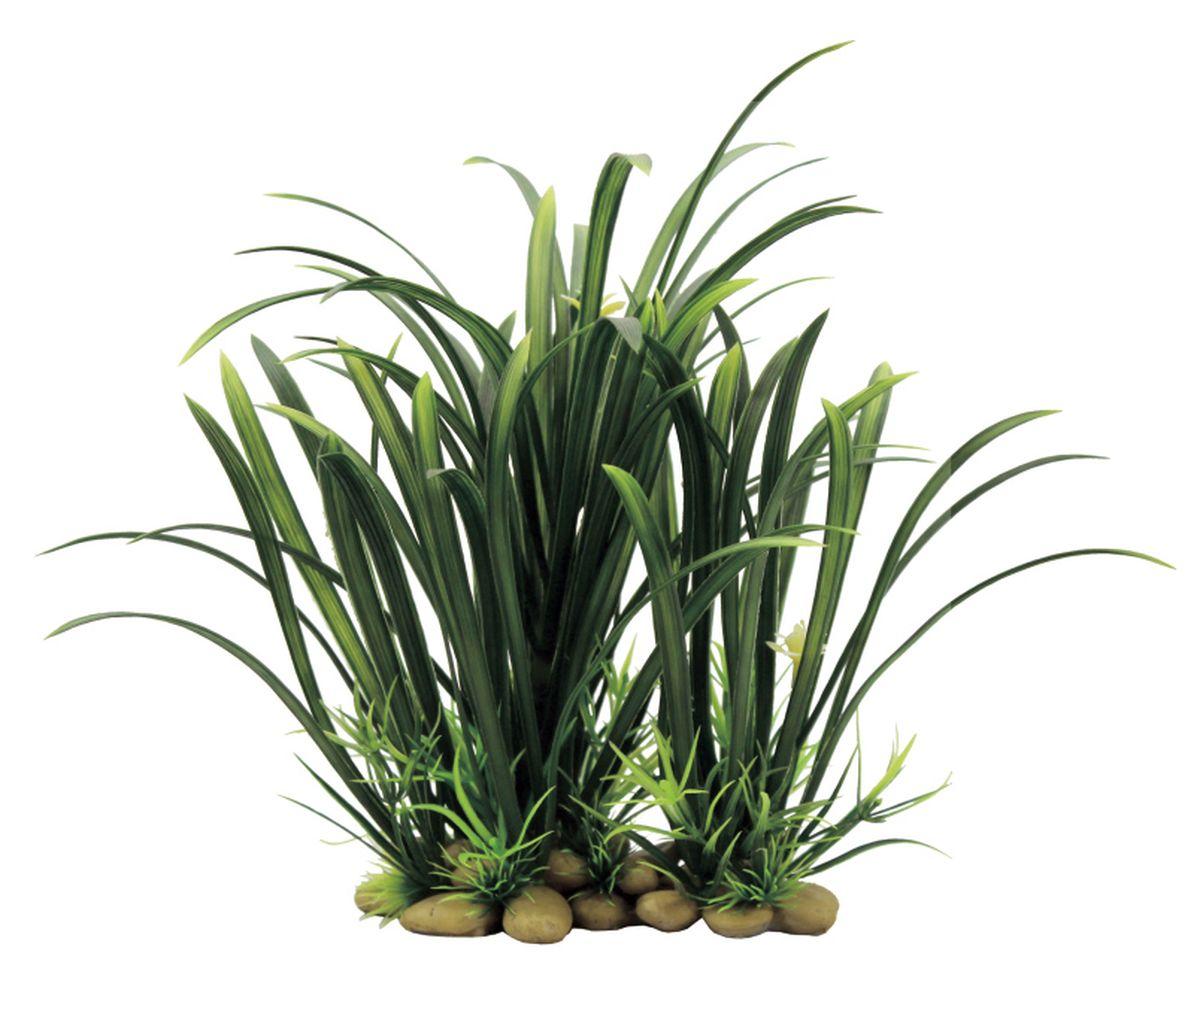 Растение для аквариума ArtUniq Офиопогон, 21 x 16 x 8 смART-1130605Растение для аквариума ArtUniq Офиопогон, 21 x 16 x 8 см